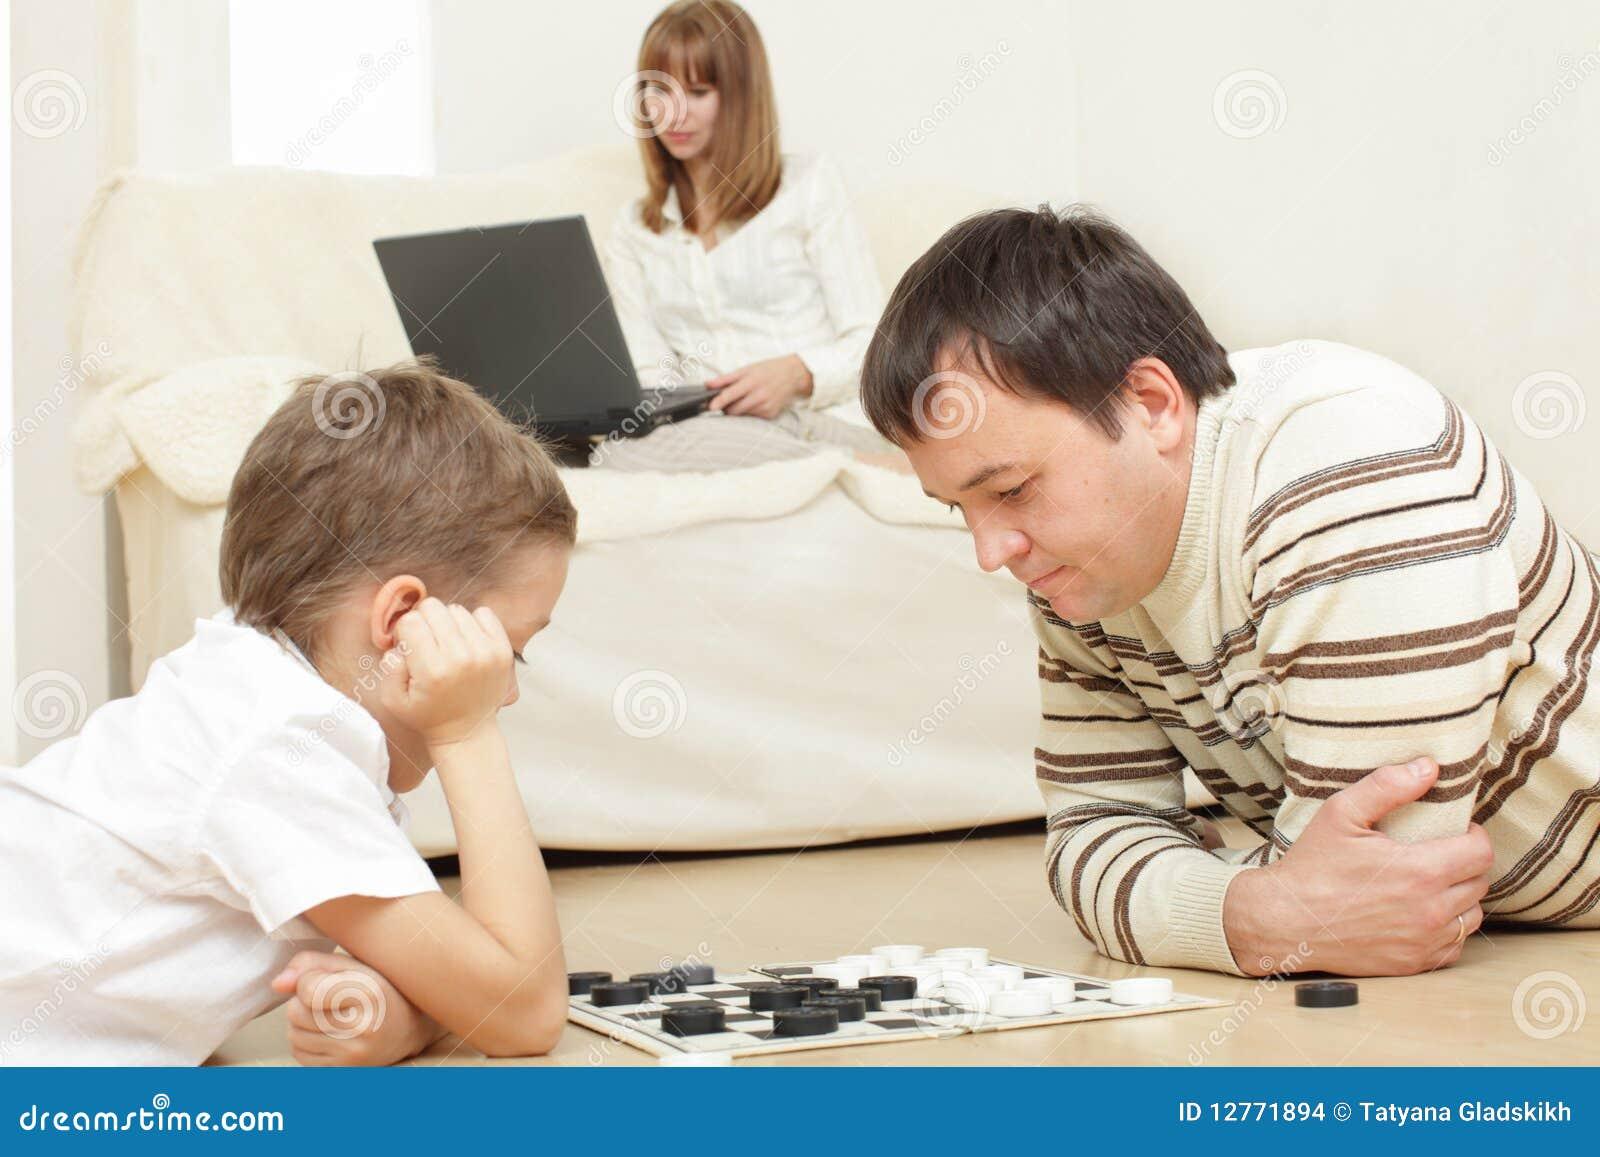 Сын с мамой играют в карты 23 фотография